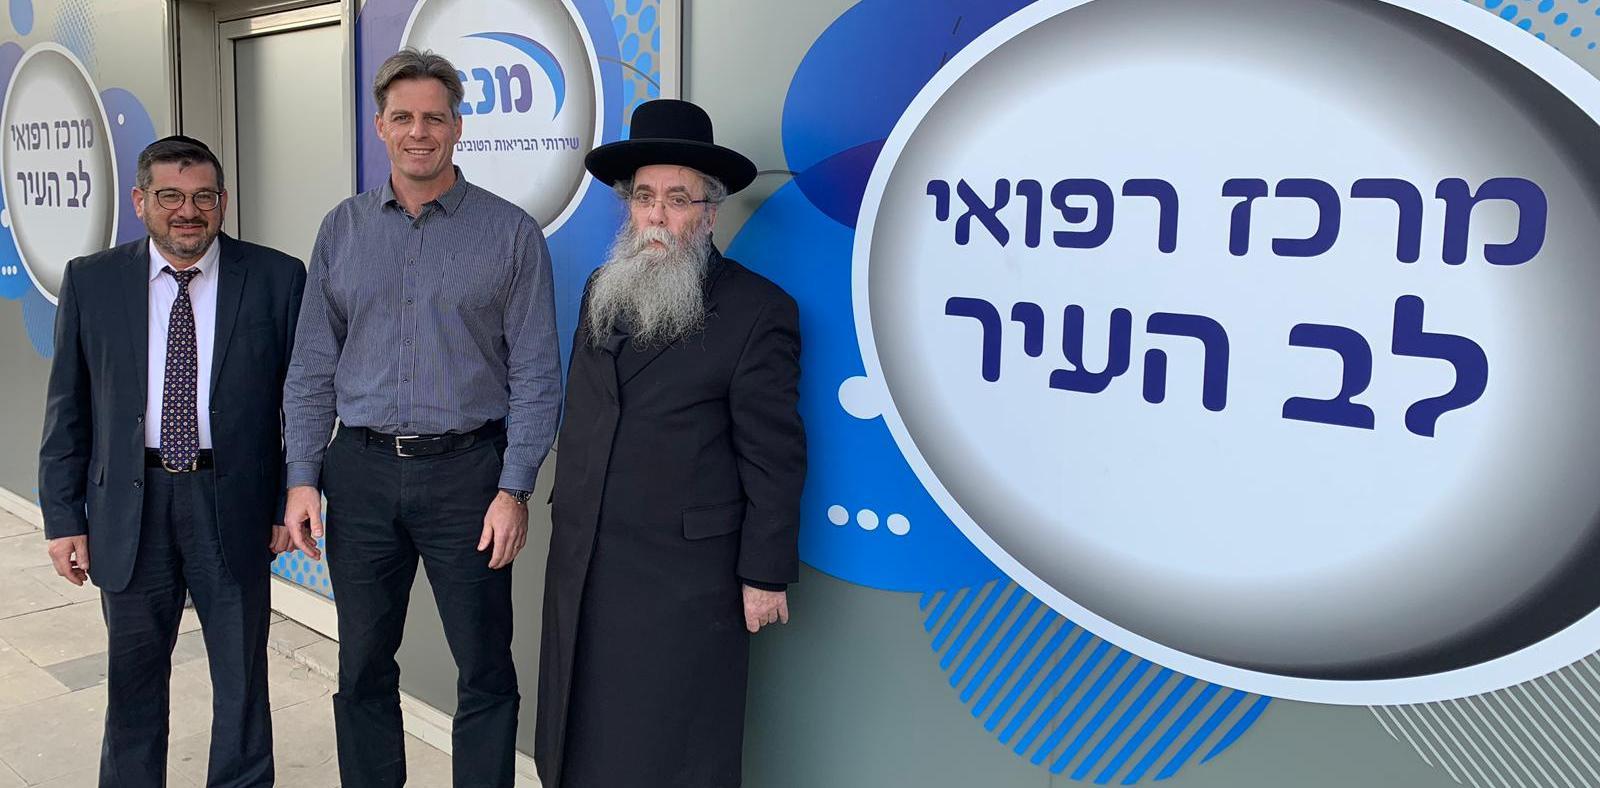 מכבי ירושלים - ראש המחוז - הבאנו את העוצמה של מכבי לעיר